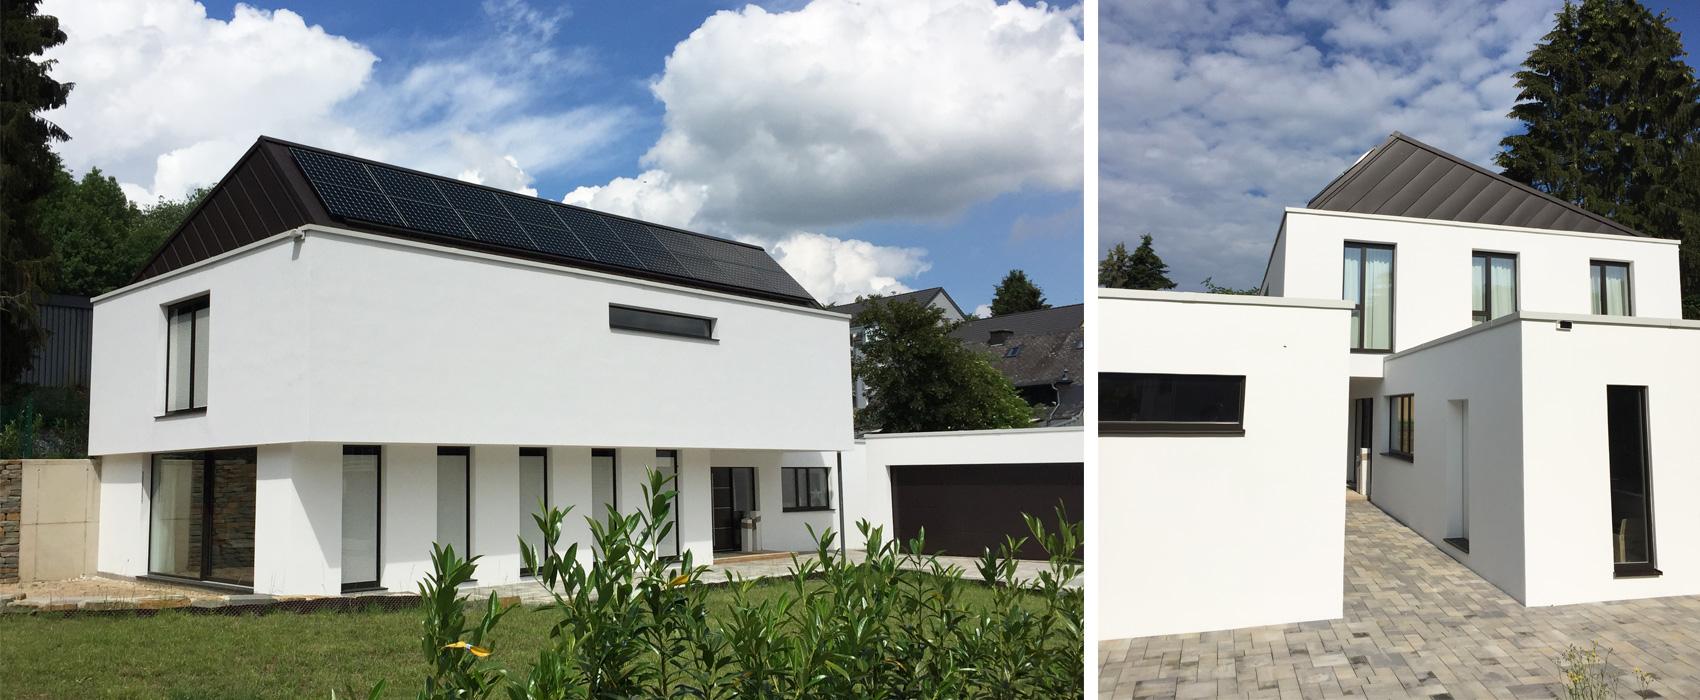 architekt landshut matthias mayer landshut. Black Bedroom Furniture Sets. Home Design Ideas